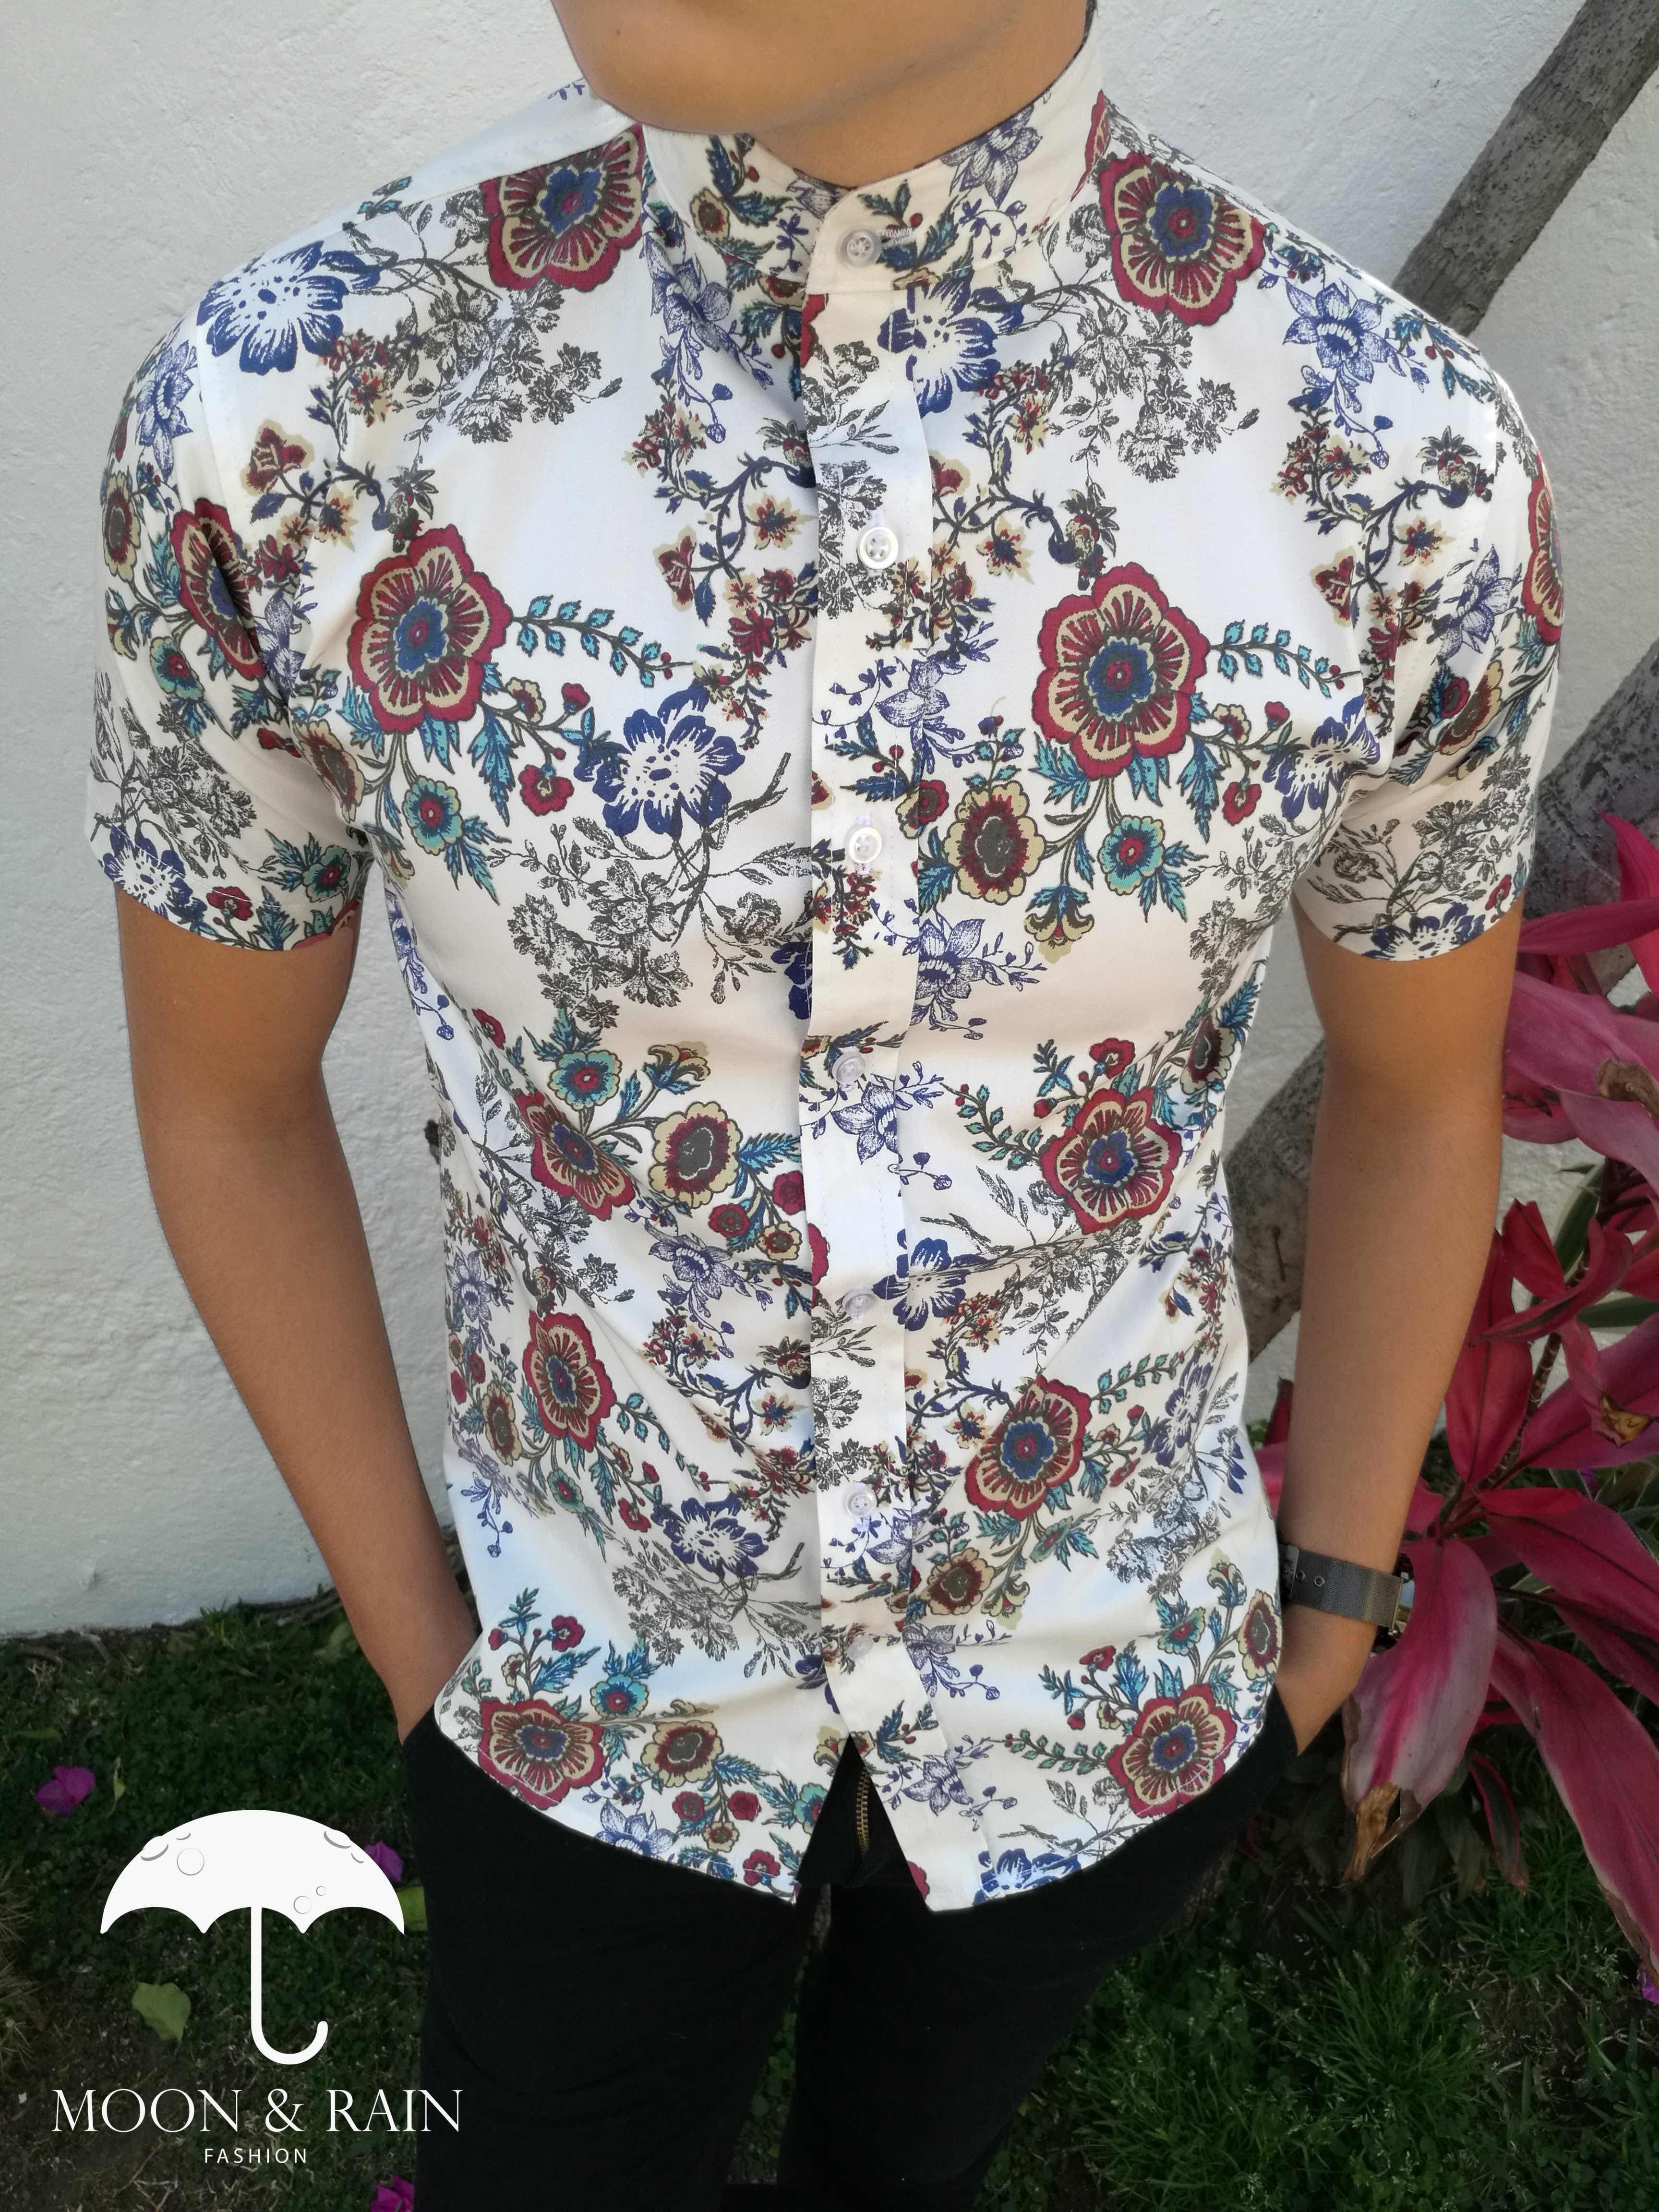 Camisa Manga Corta Blanca de Flores para Hombre Exclusiva de la Marca Moon    Rain bb08afe3d04e4